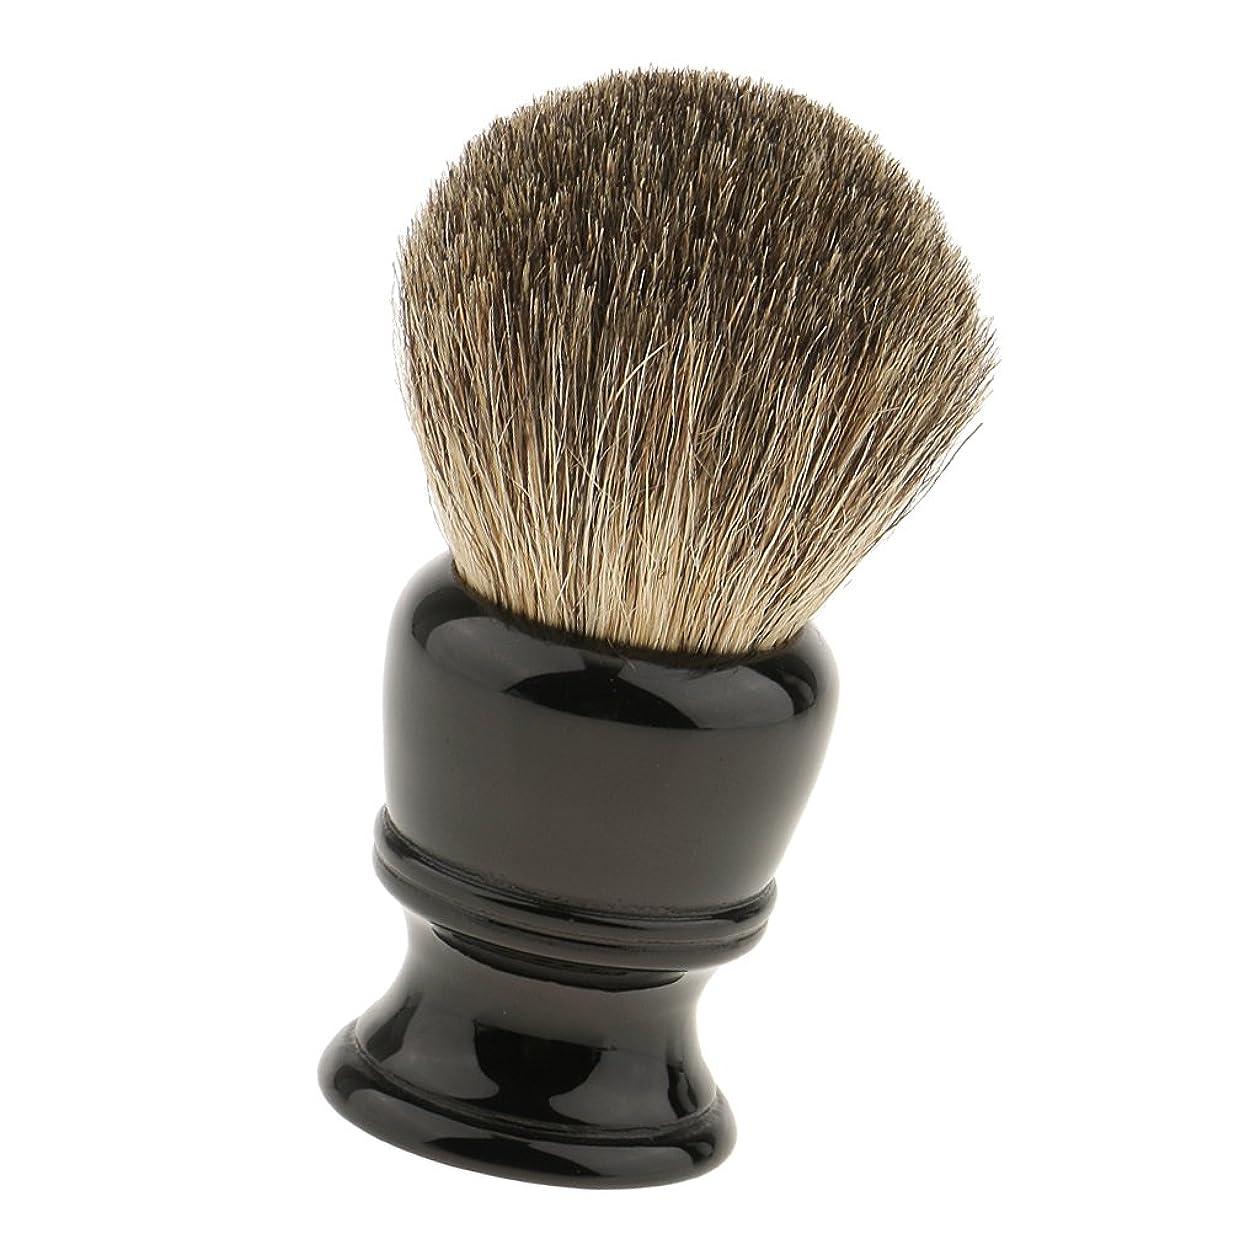 楽しい矛盾する読みやすいdailymall 樹脂ハンドルシェービングブラシホーム理容サロンツール旅行ポータブルキットの男性のひげ剃り